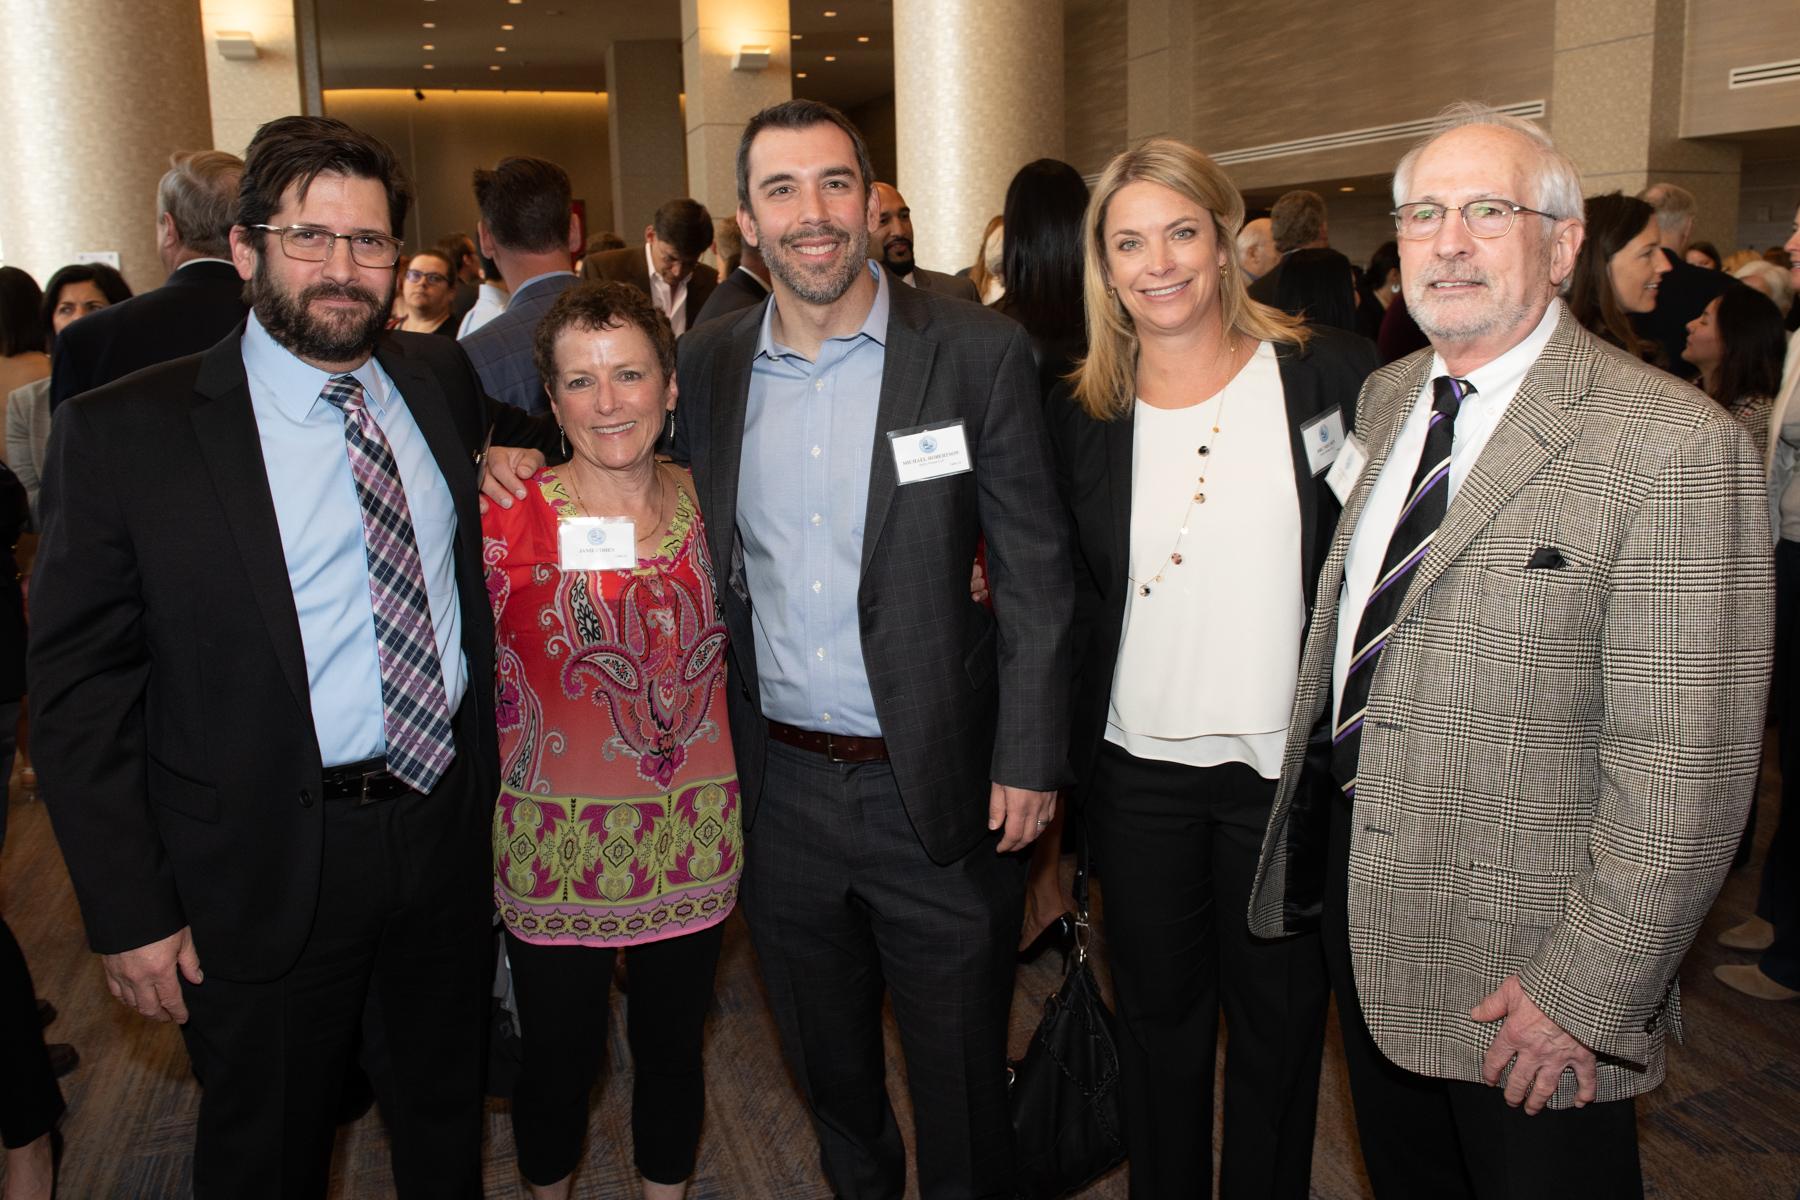 _DSC7189 Mike Rollin, Janie Cohen, Michael Robertson, Dru Nielsen & Jack Hanley (courtesy of Hartmannphoto).jpg